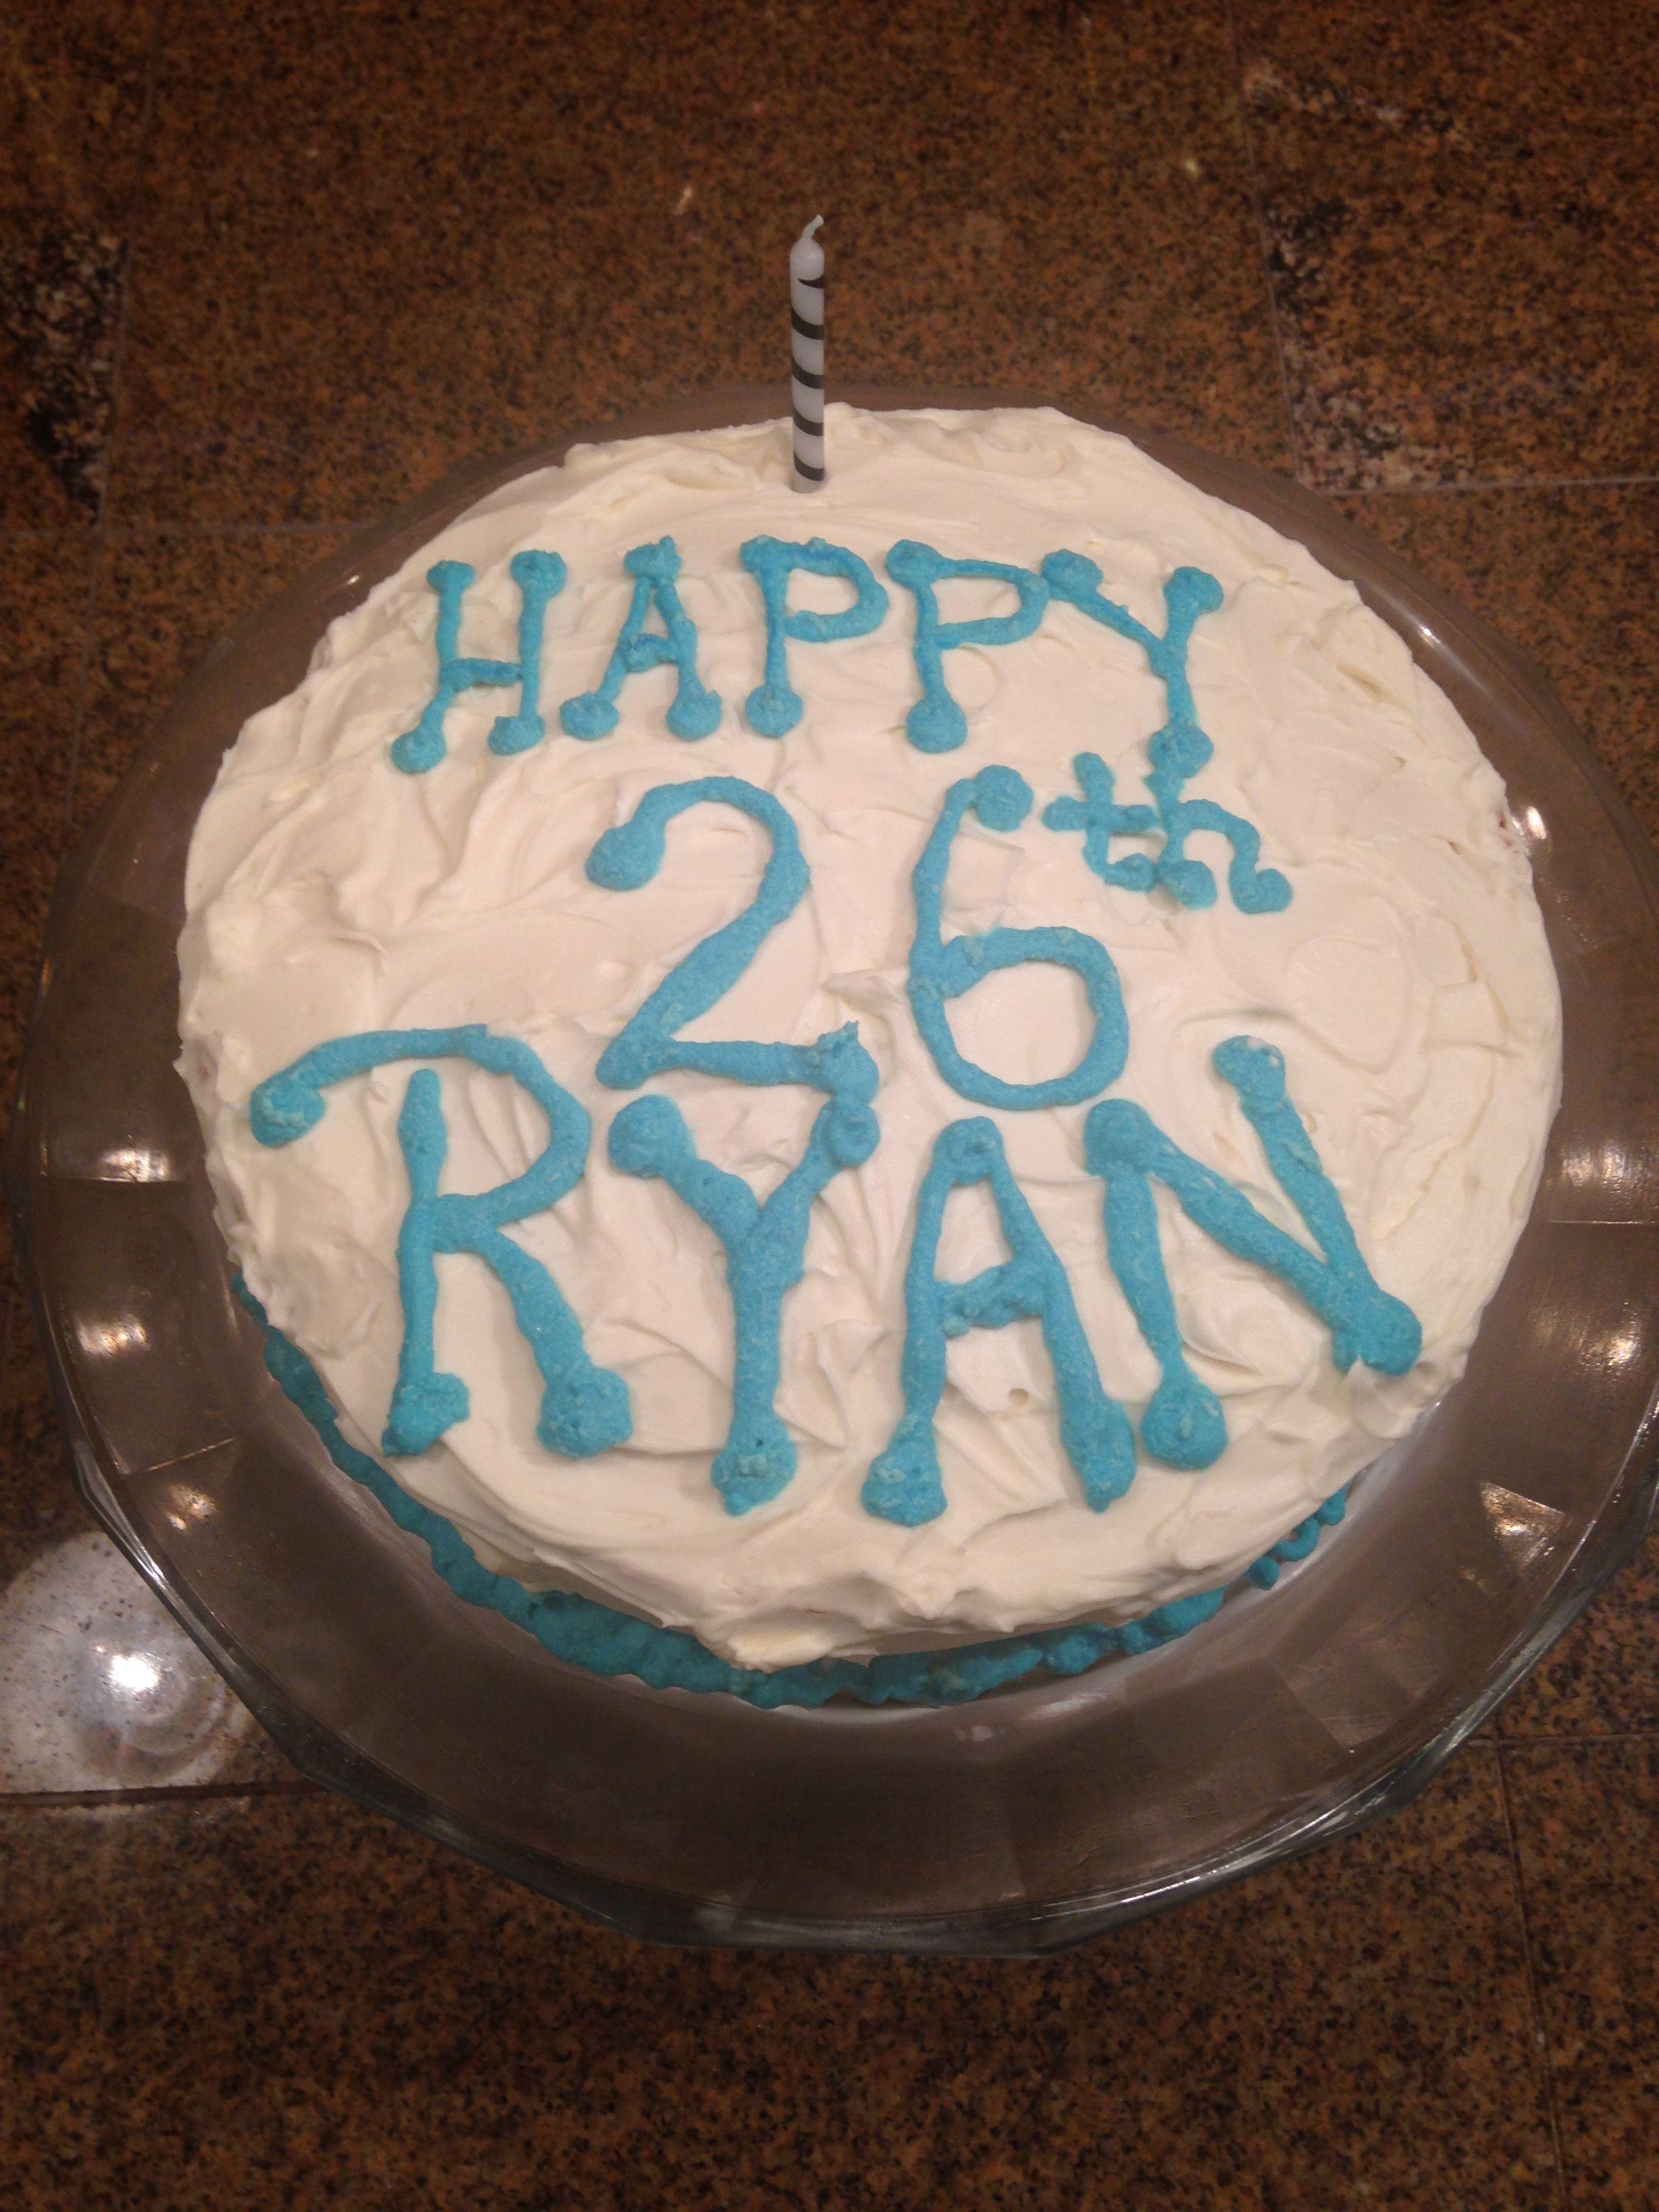 Ryans Birthday Cake I Made This Pinterest Birthday Cakes